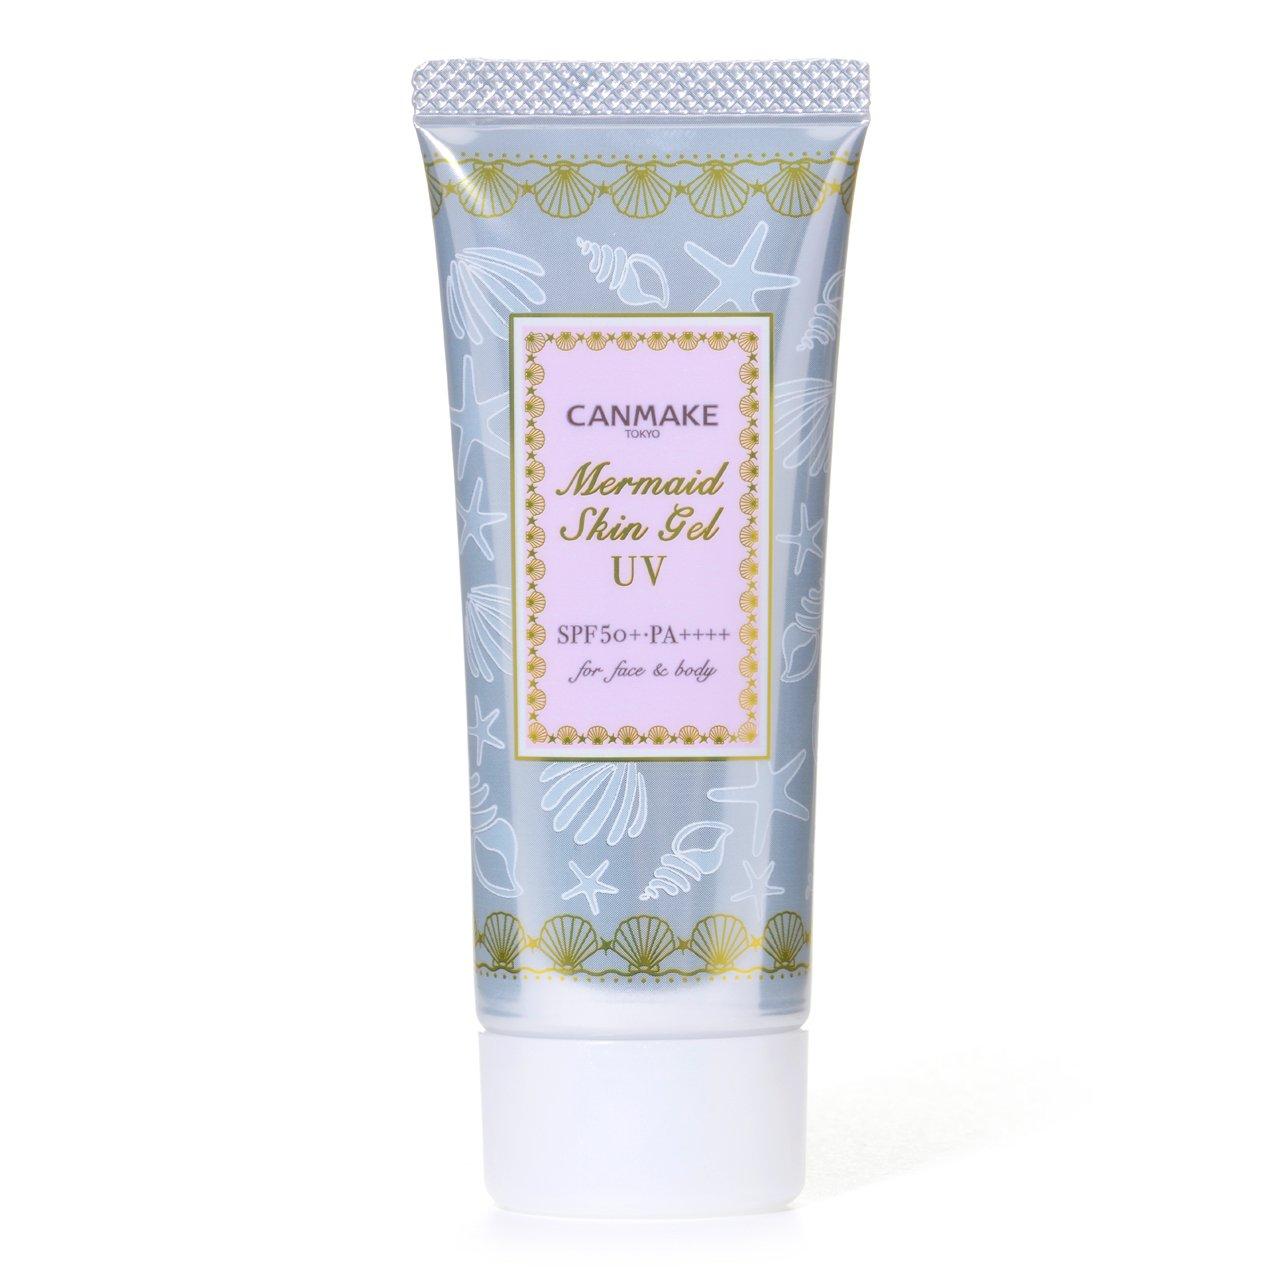 CANMAKE Mermaid Skin Gel UV 01 40 g